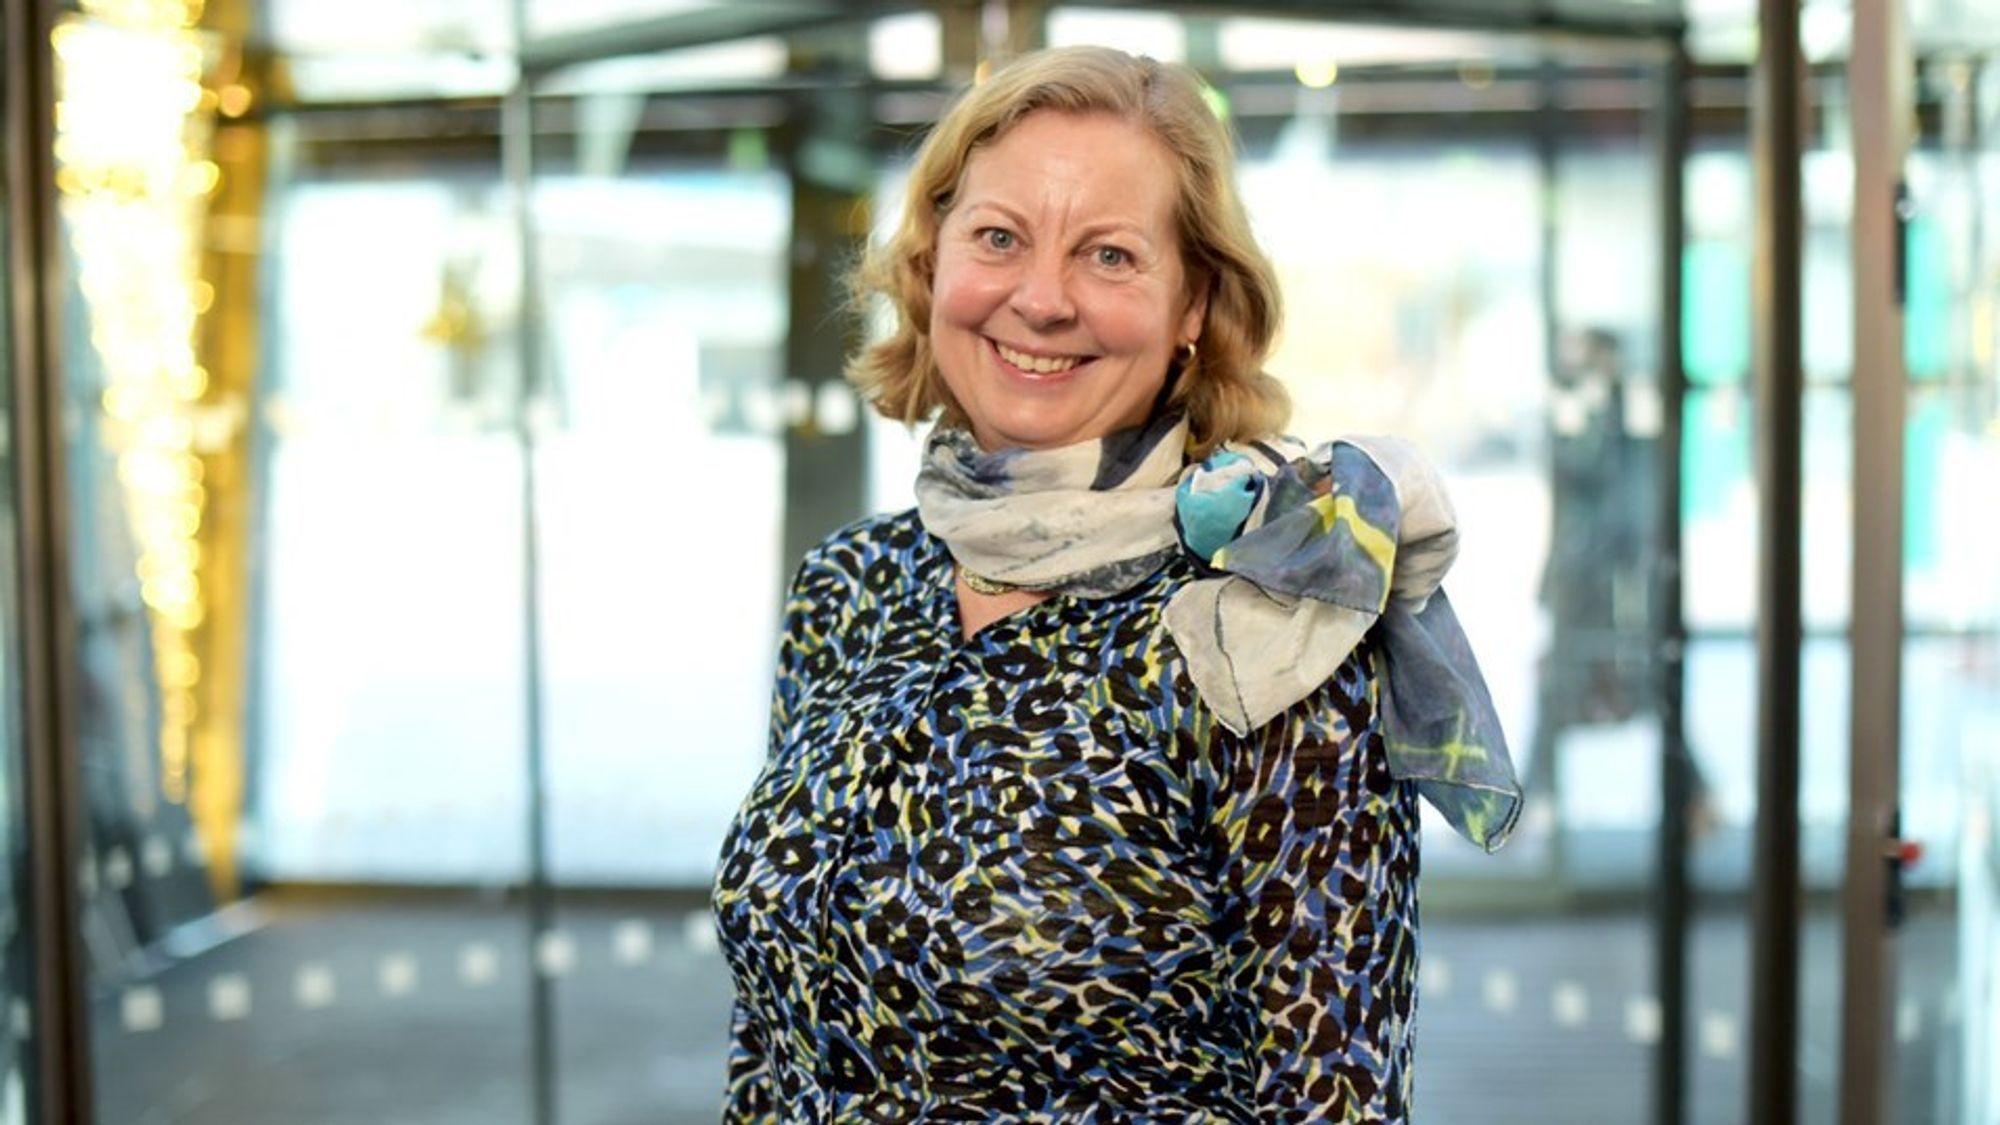 Berit Svendsen er en av Norges få kvinnelige toppledere. Nå skal hun være med på å kåre landets 50 beste teknologikvinner.